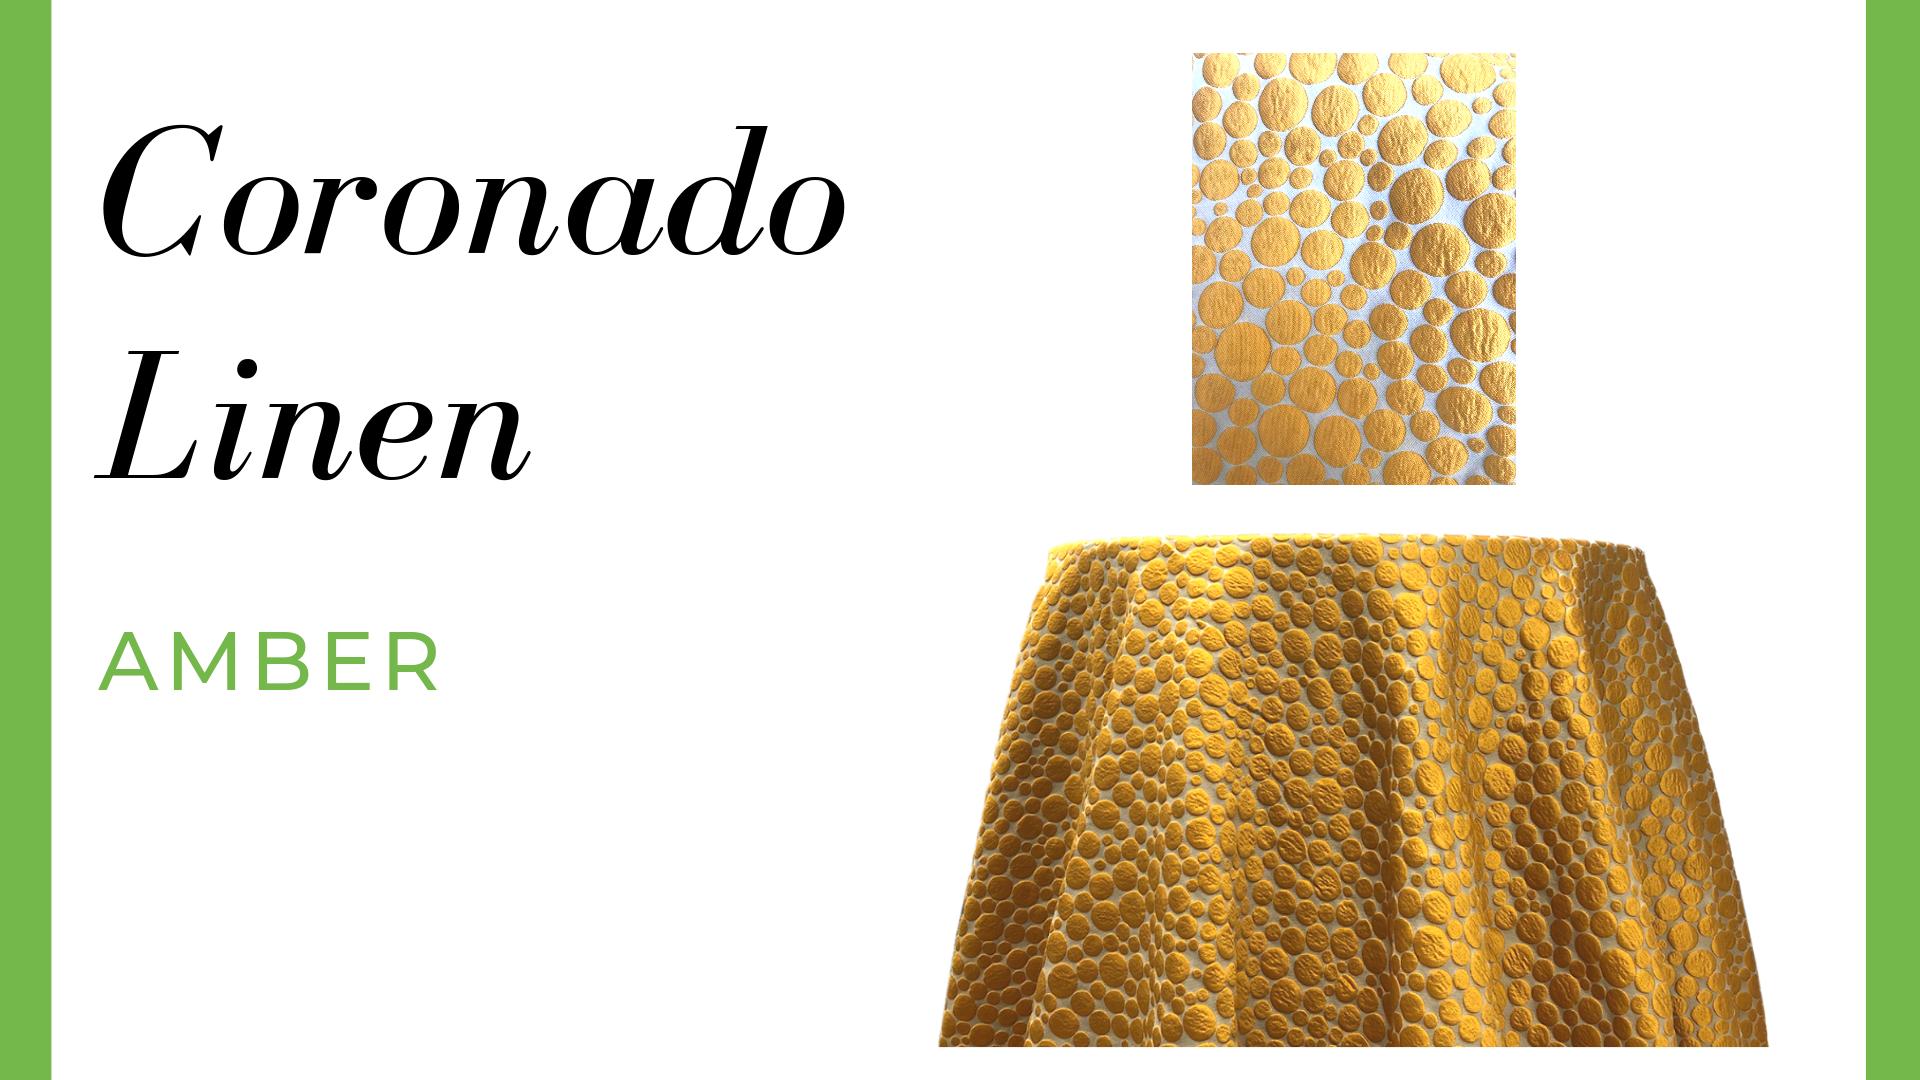 Coronado Linen - Amber